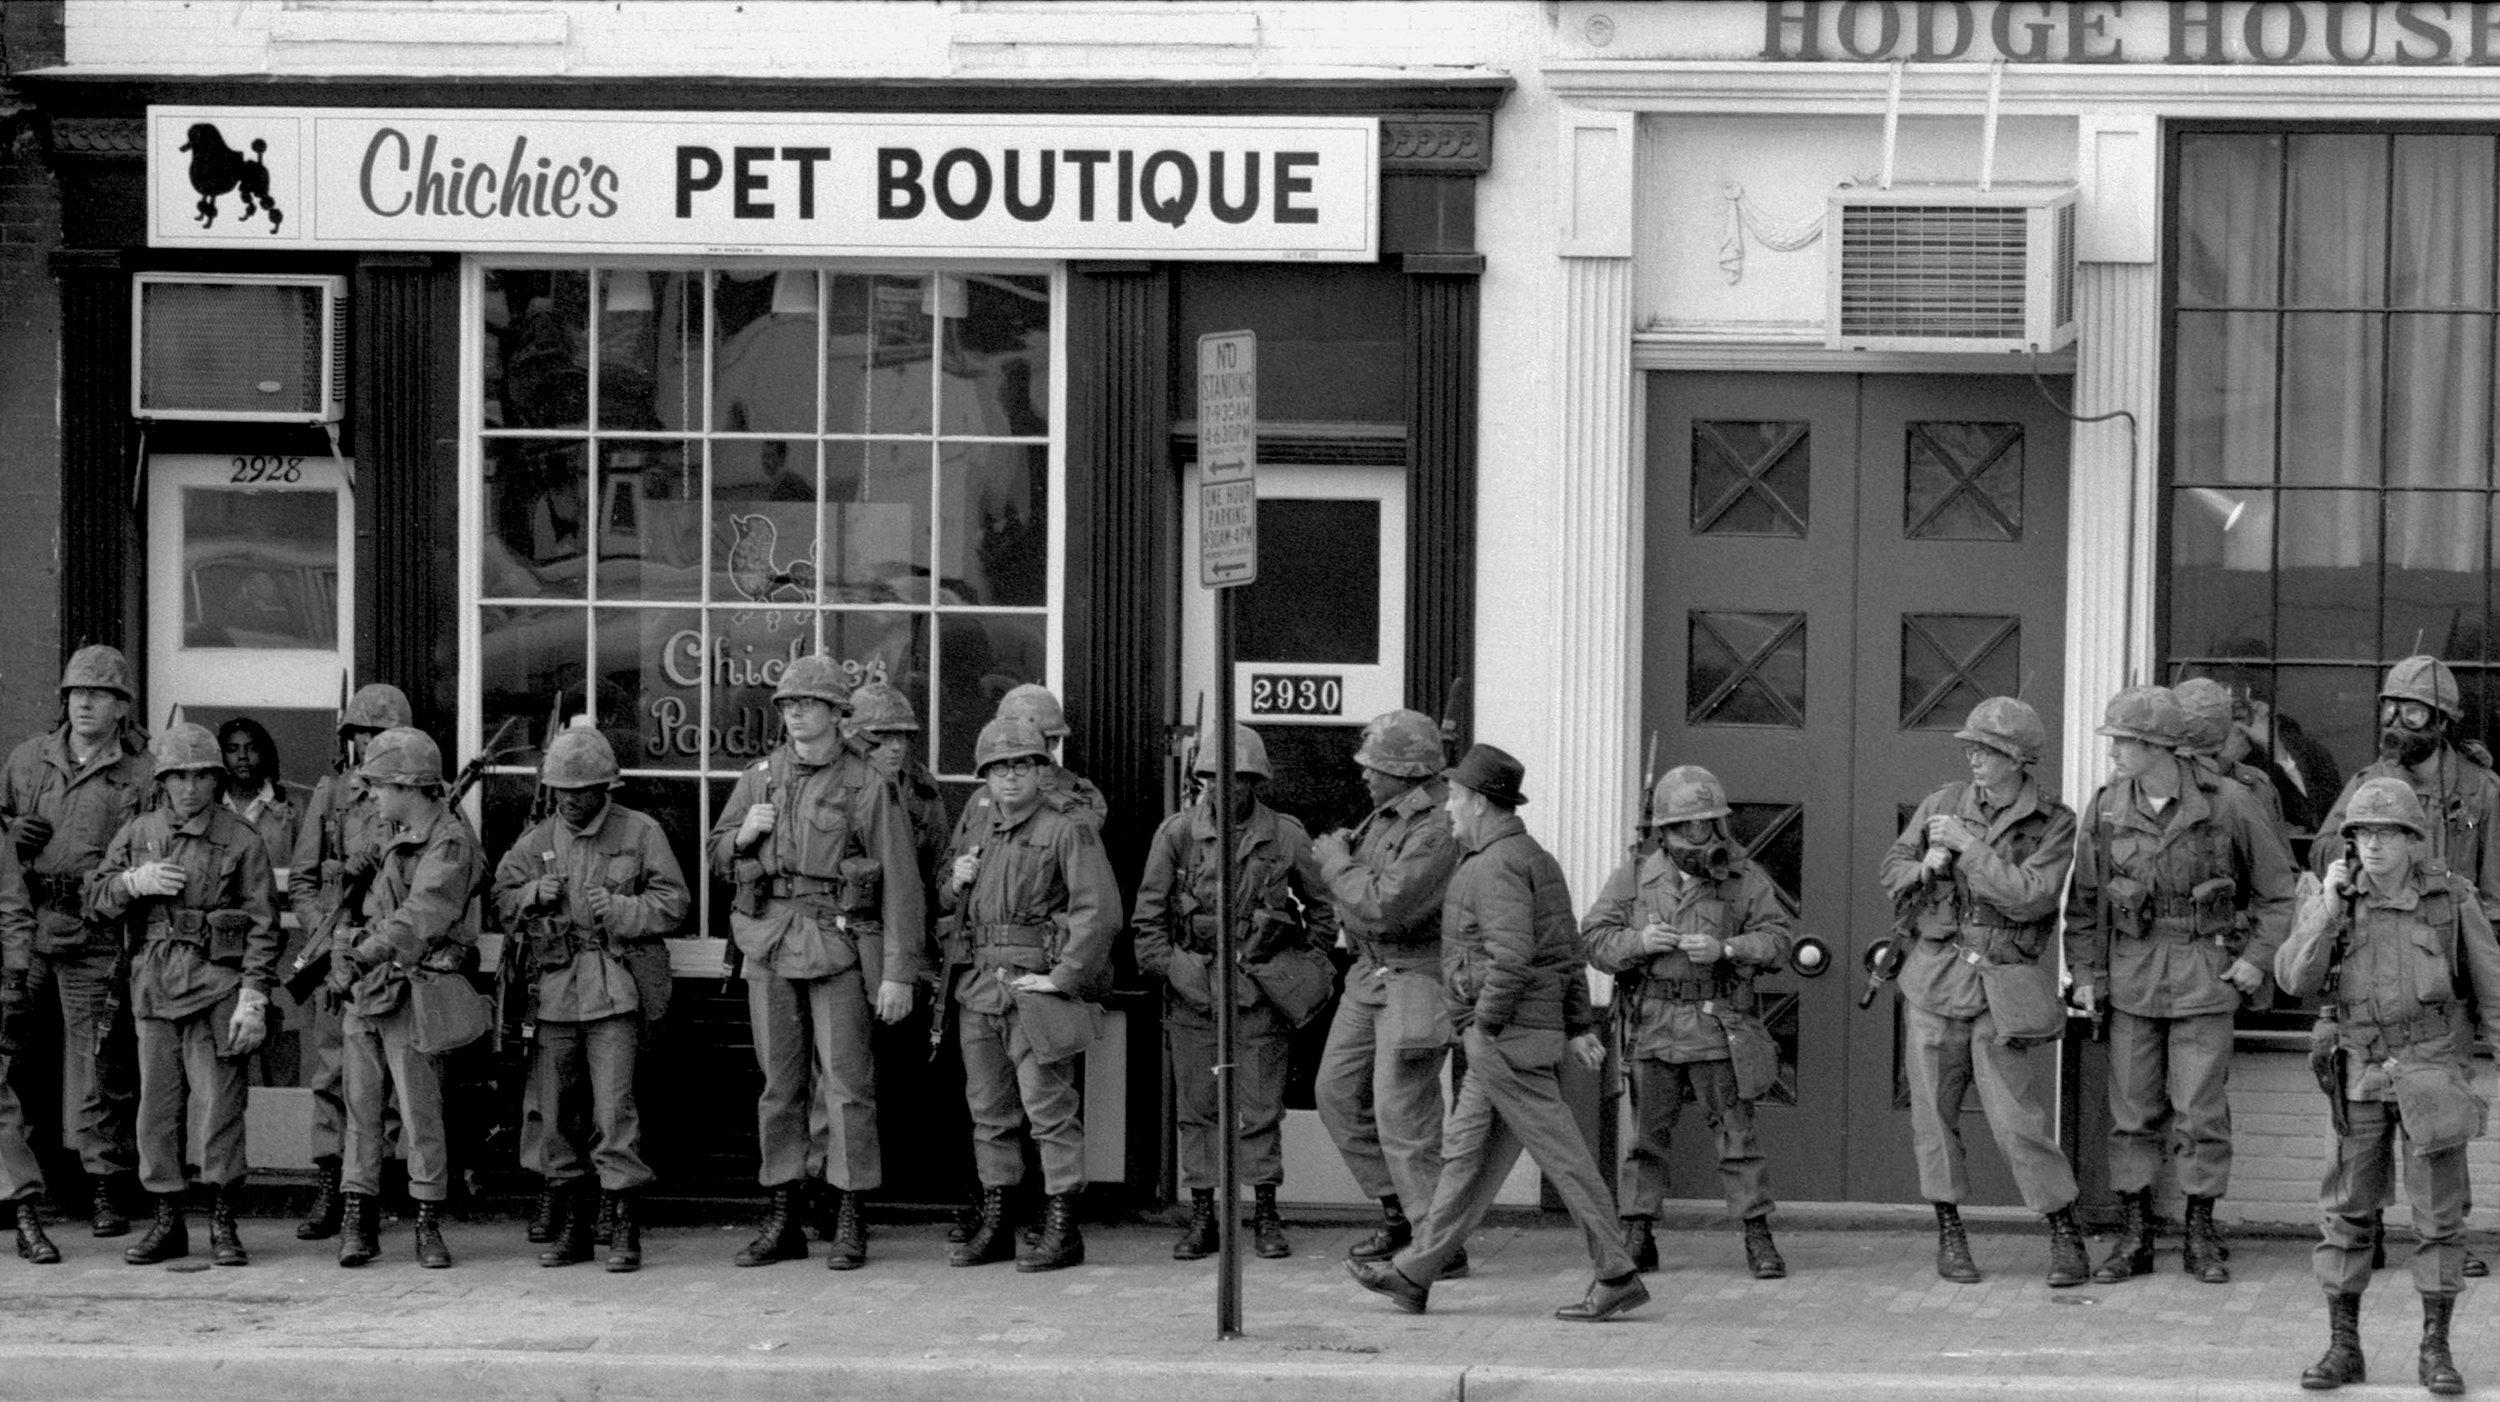 CHICHI'S PET BOUTIQUE, THE NATIONAL GUARD, & 3 CIVILIANS, Washington, D.C. (1971)